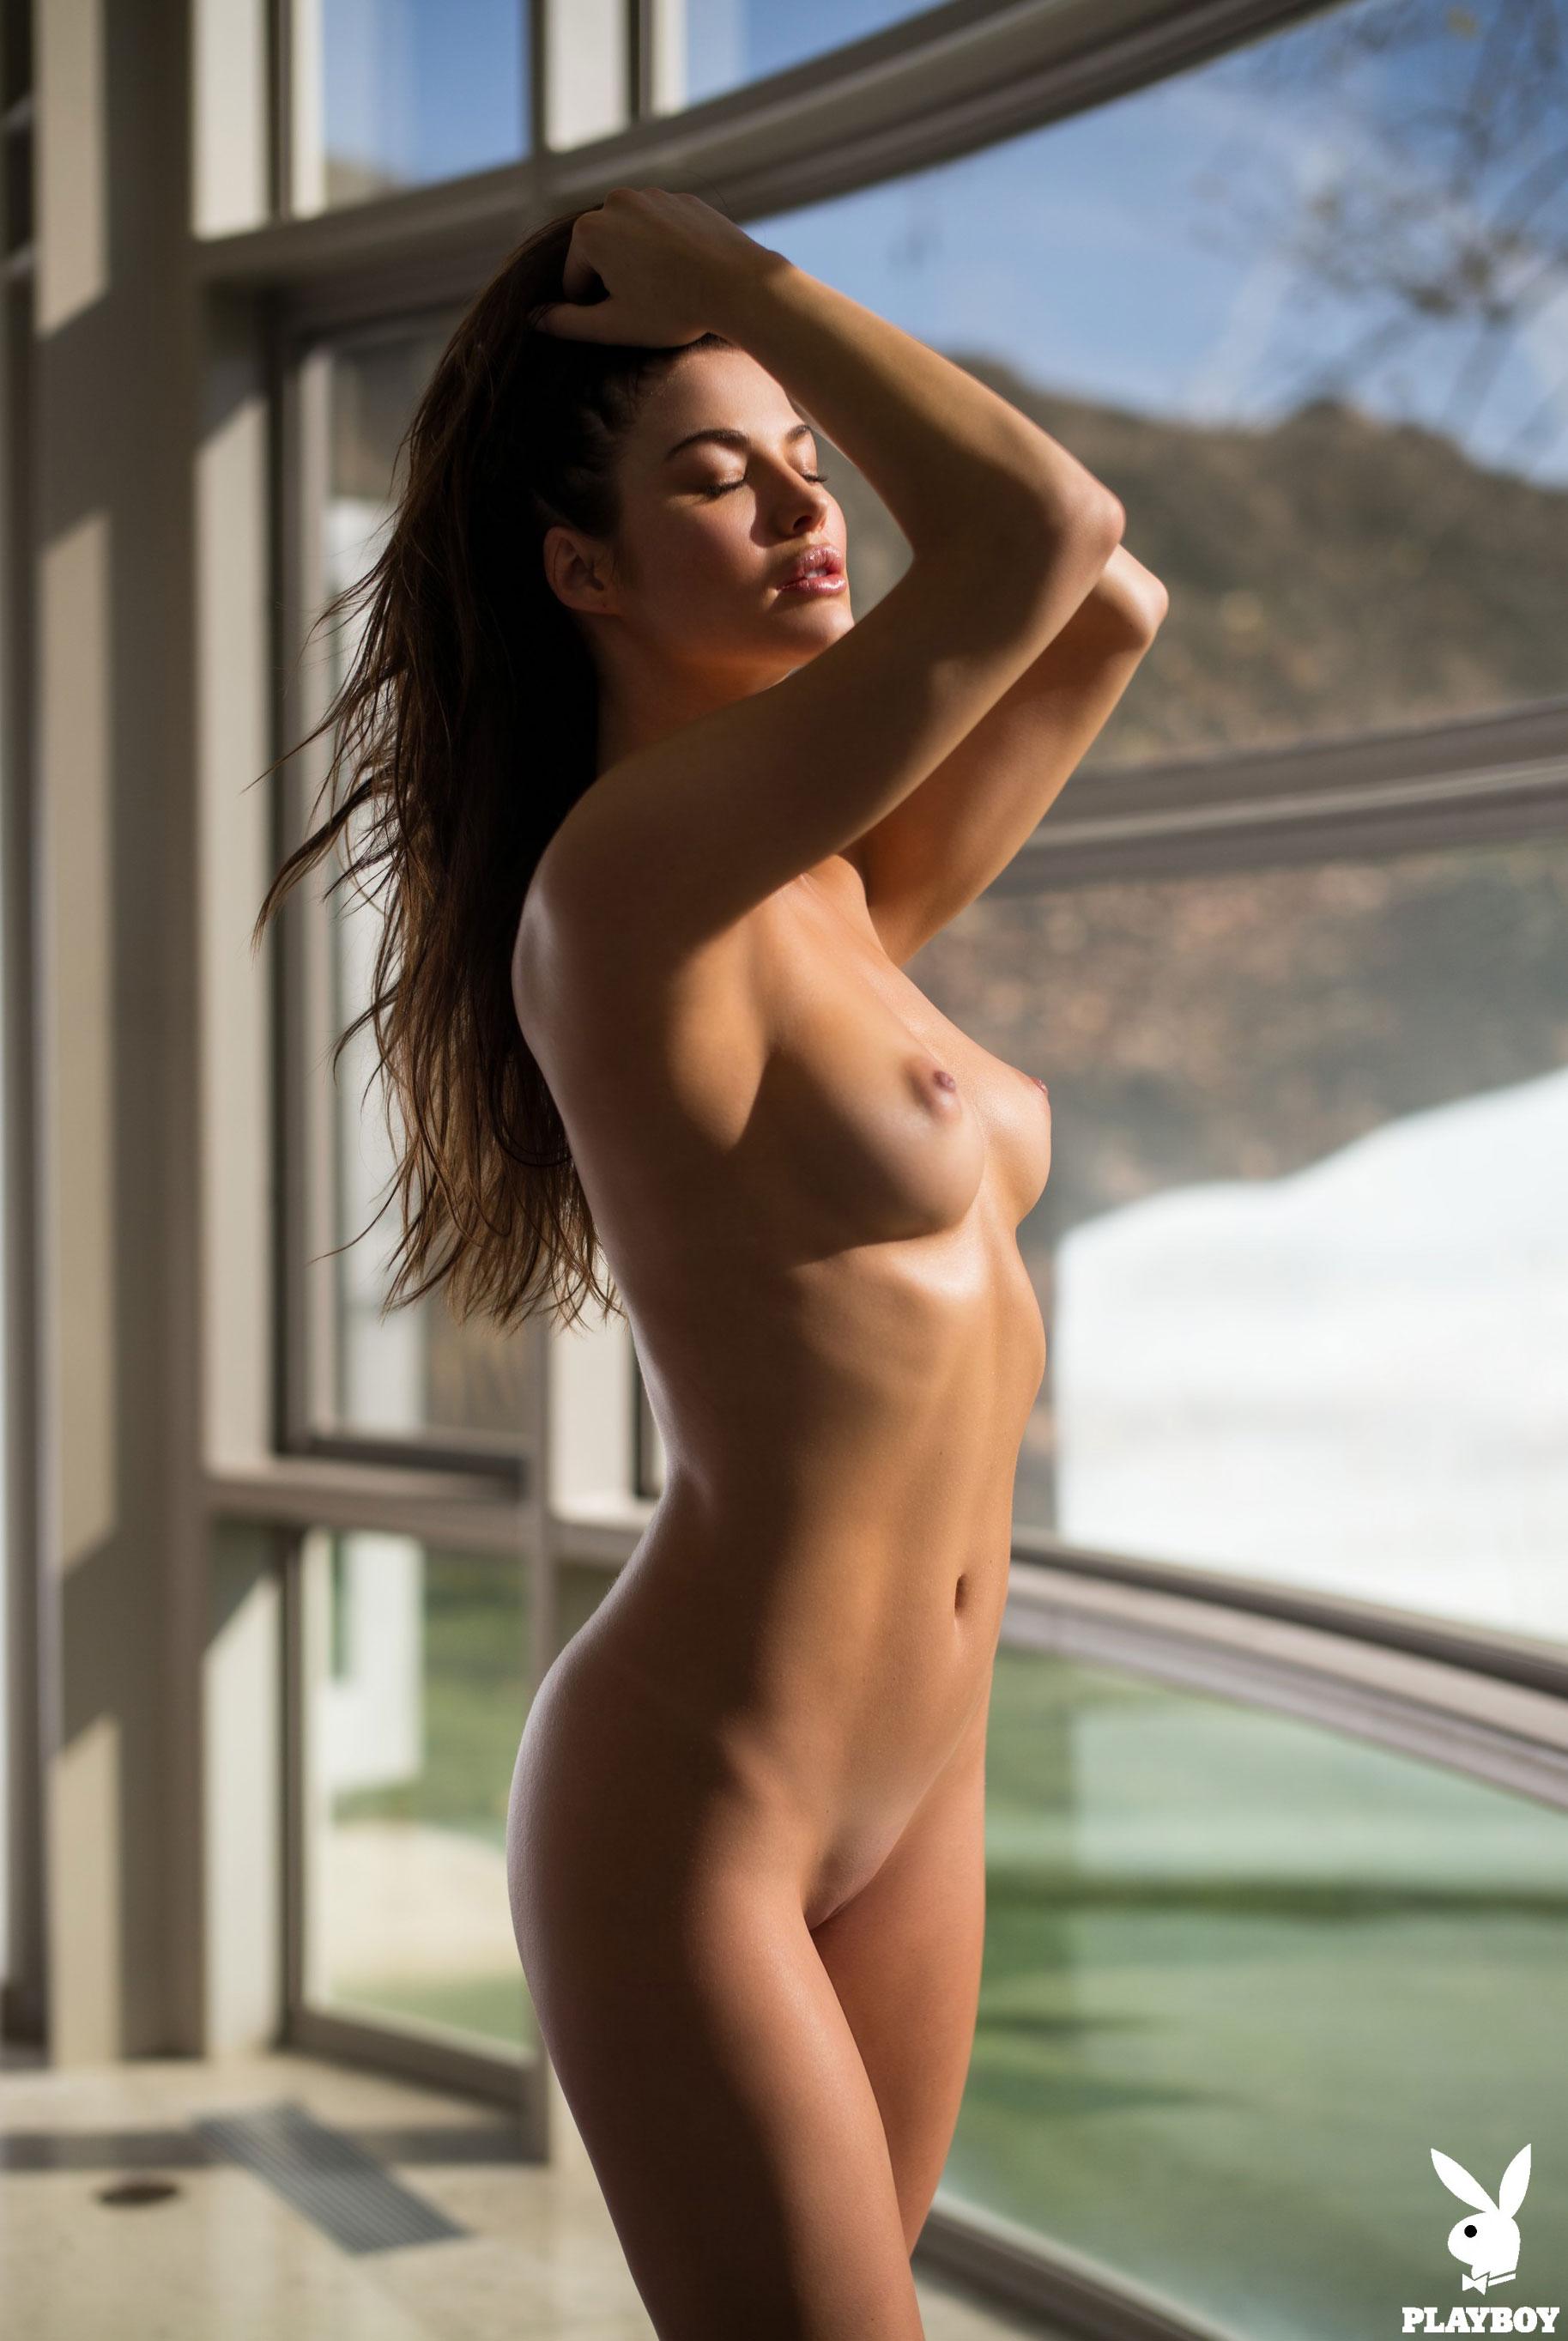 Девушка месяца Jenny Watwood / Playboy США, март 2018 / фото 22